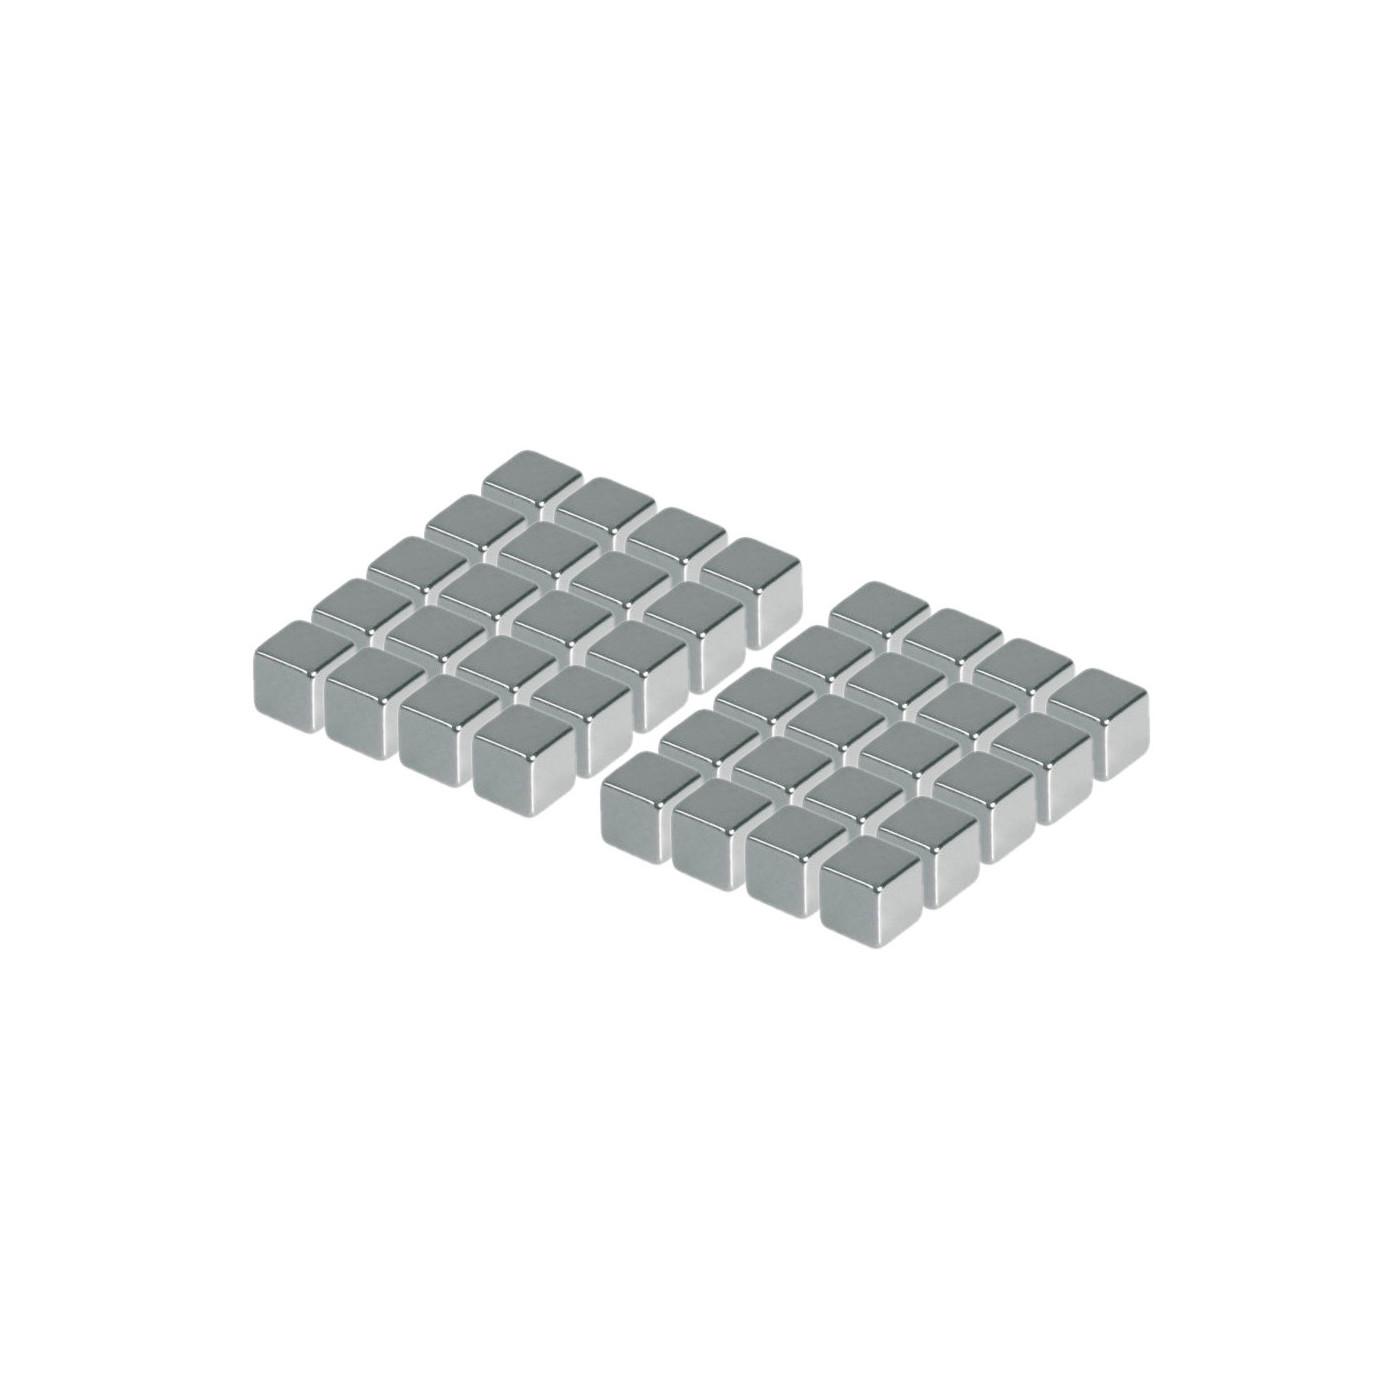 Set van 40 sterke magneetjes (zilver, kubus: 5x5x5 mm)  - 1